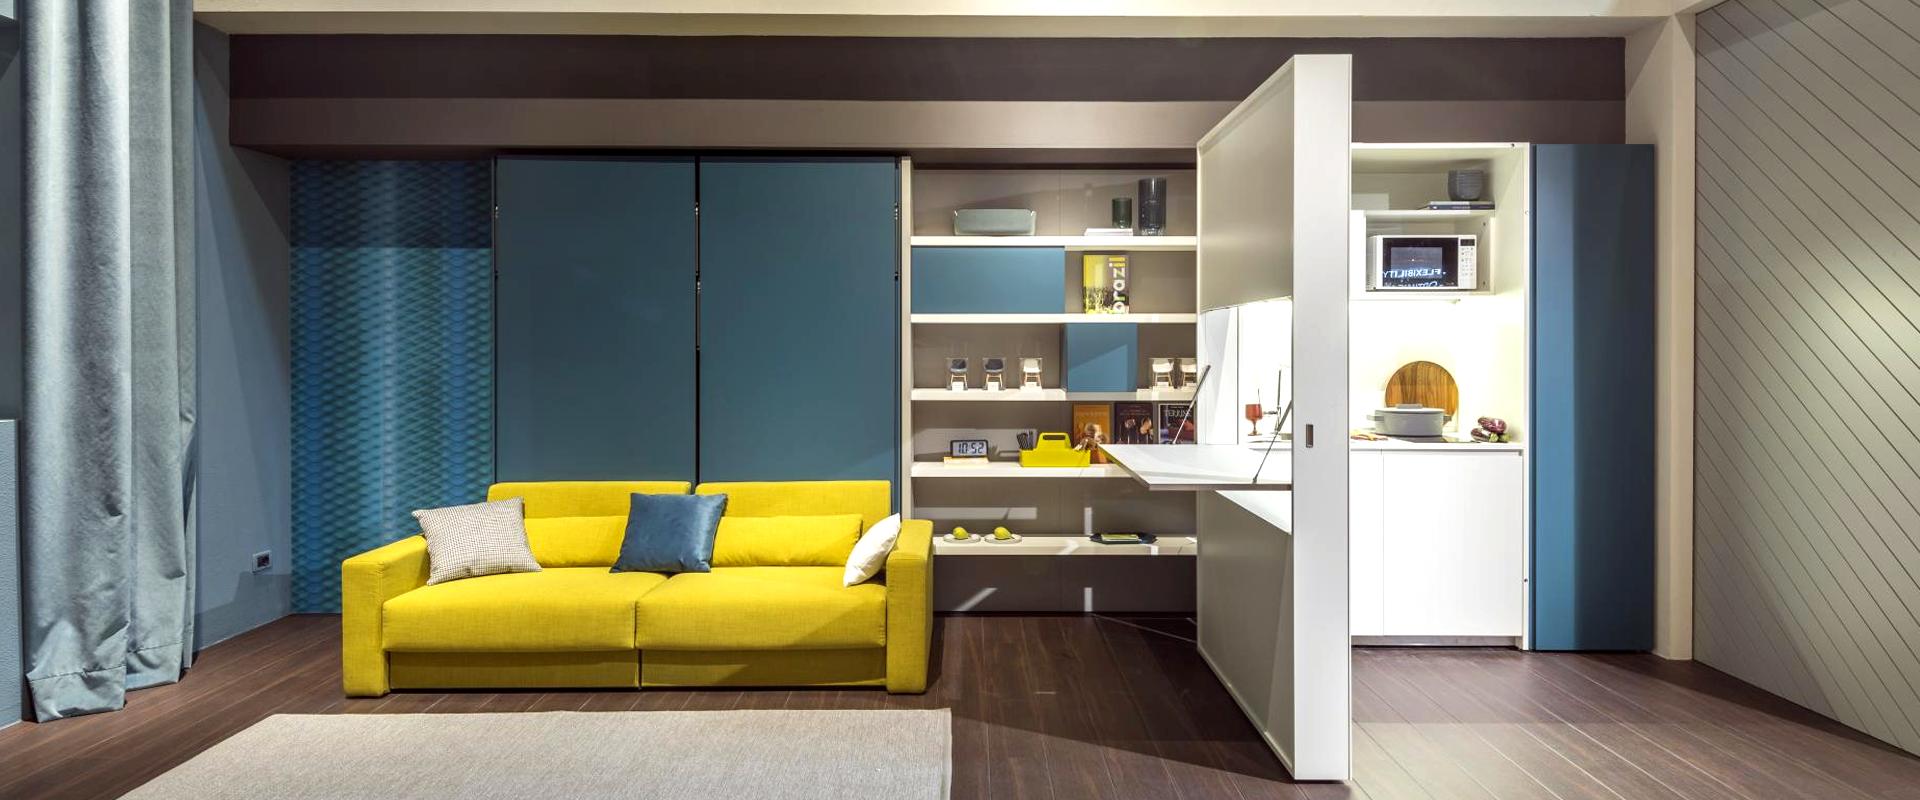 Cucina E Soggiorno Insieme spazio living: come arredare cucina e soggiorno in un